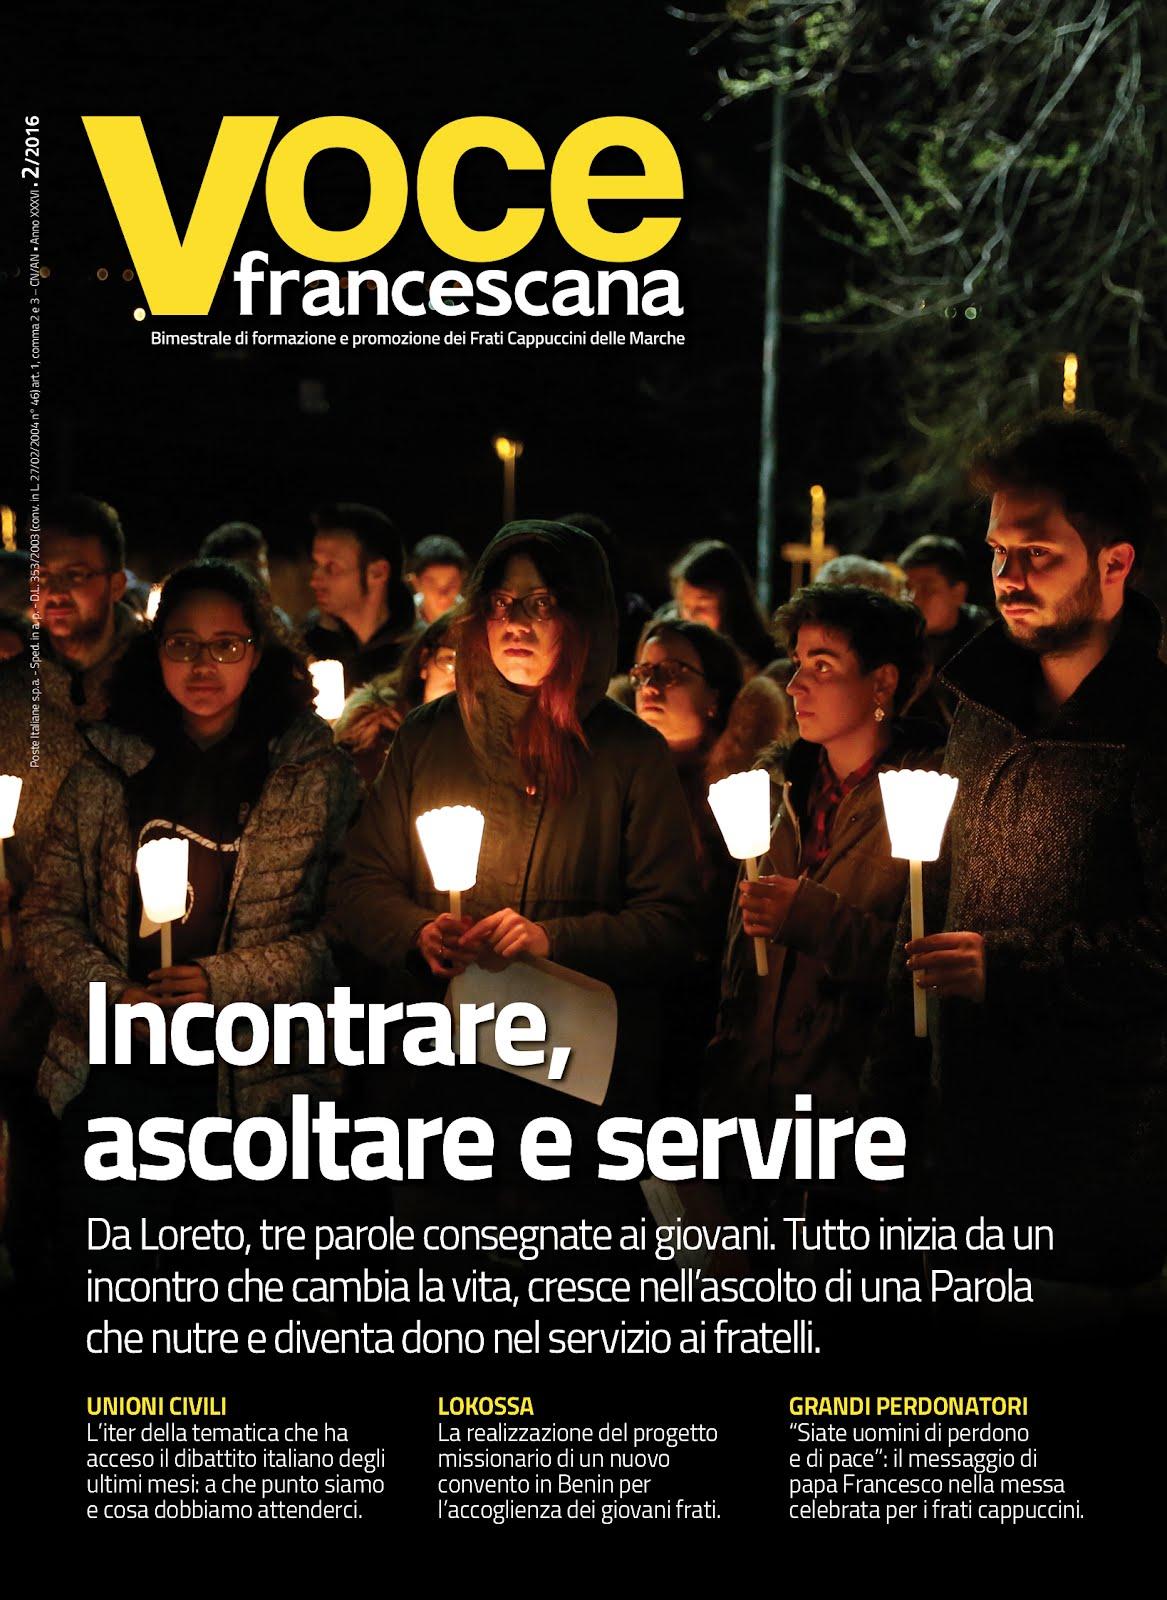 Voce Francescana